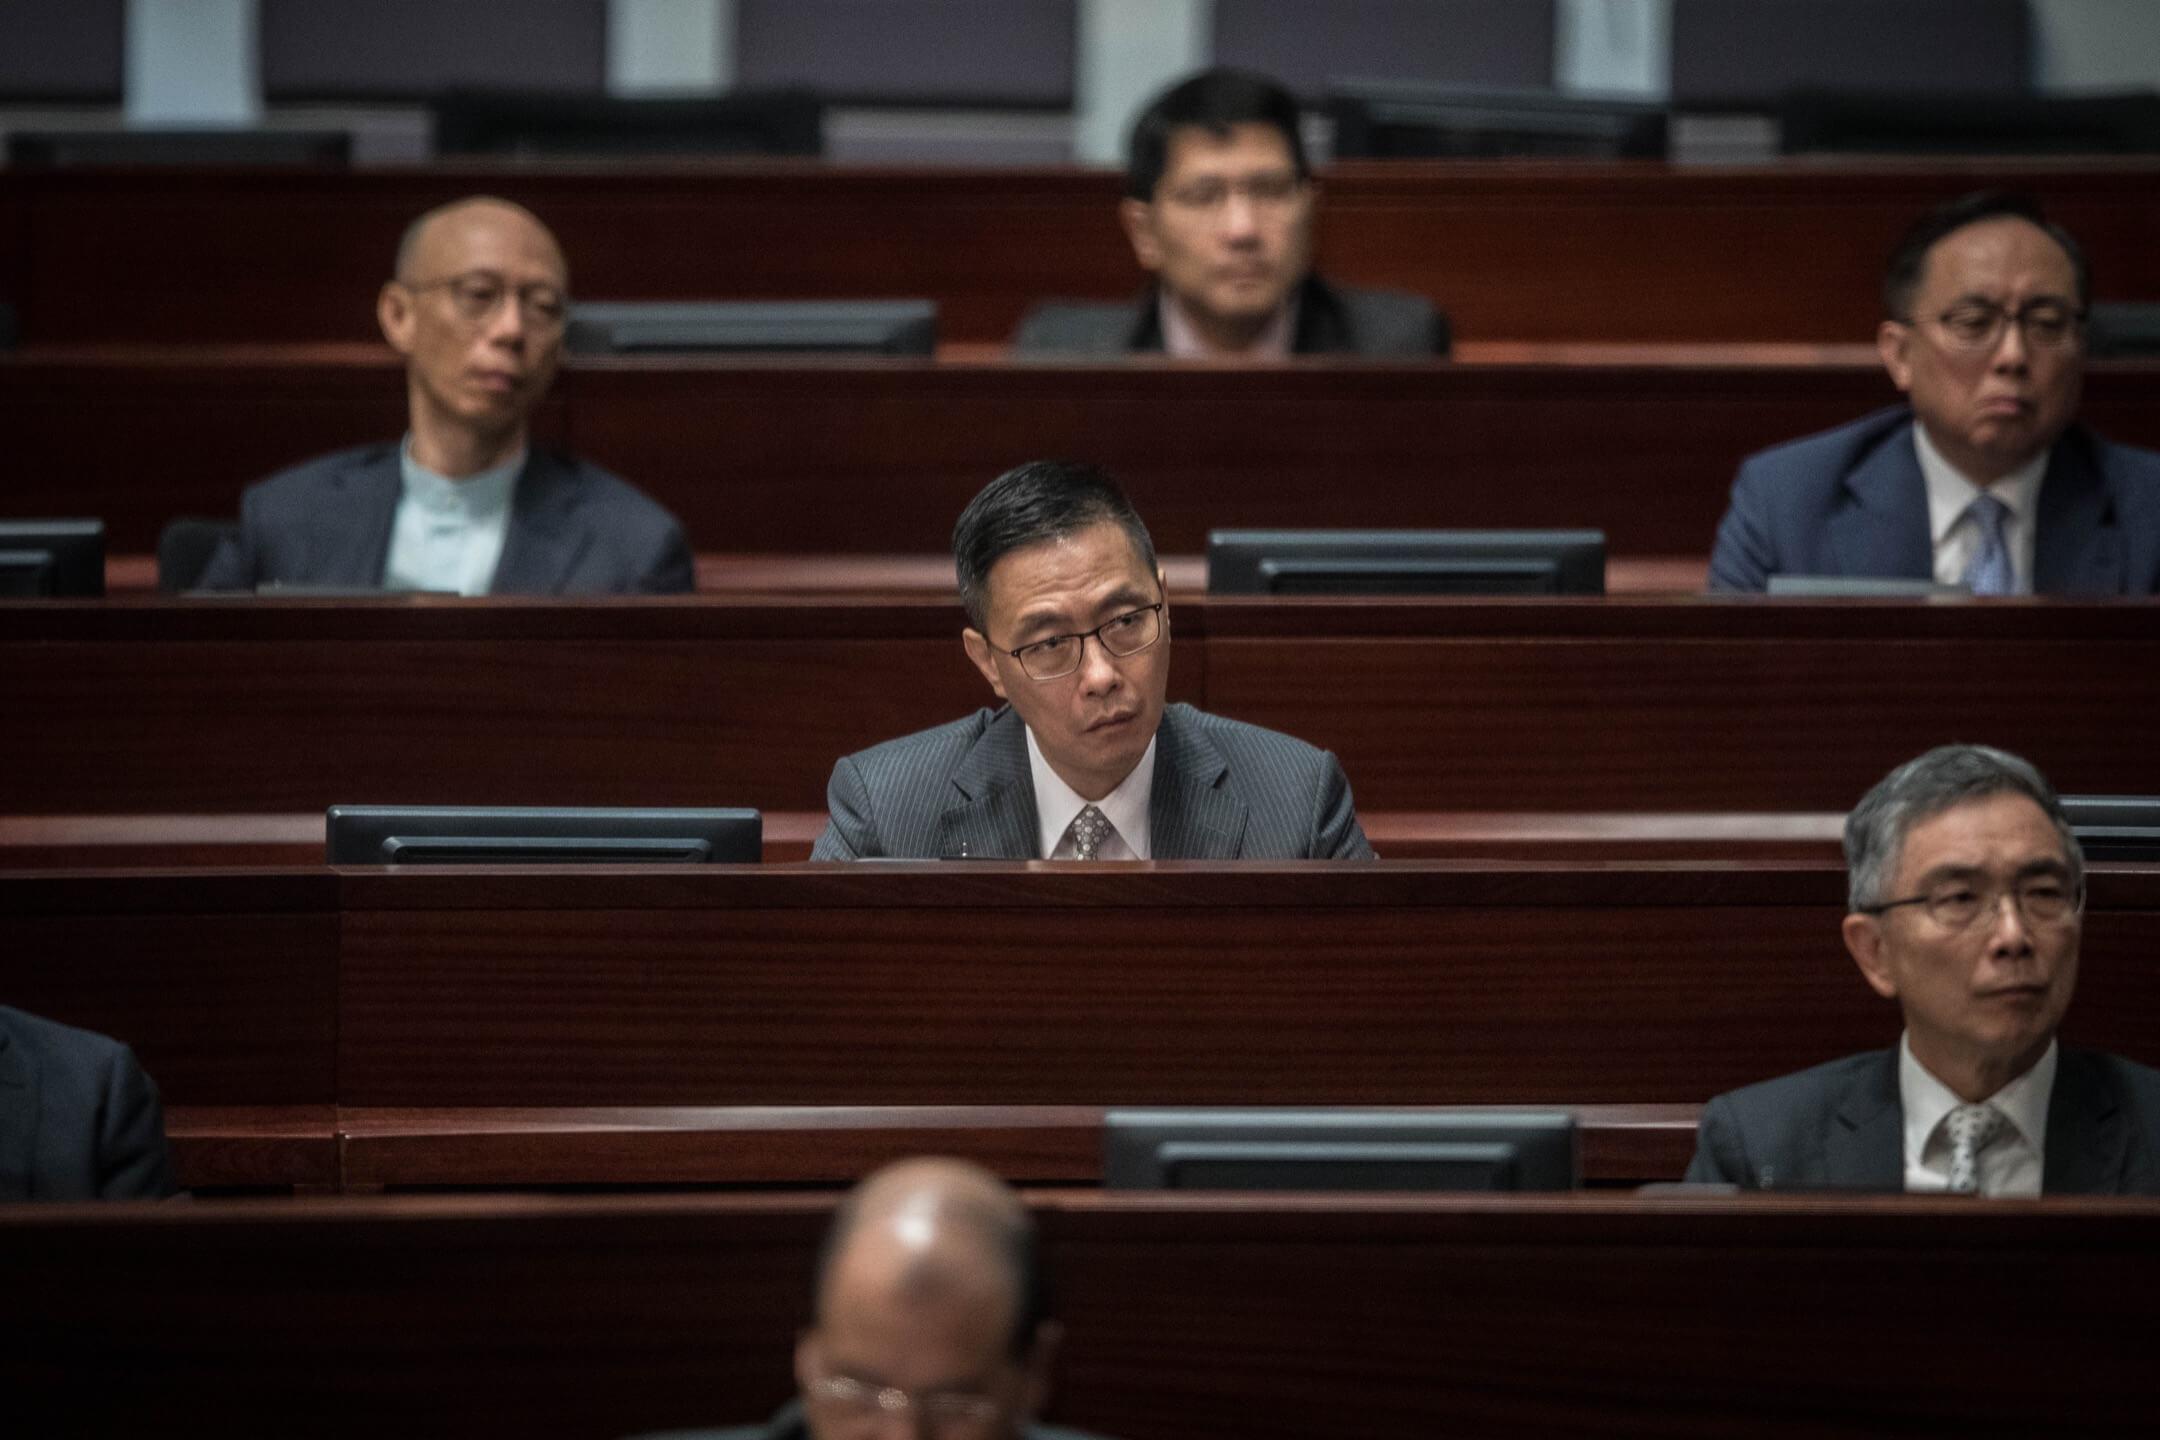 2018年10月10日,教育局局長楊潤雄出席立法會會議,聽取行政長官向立法會發表2018年度施政報告。